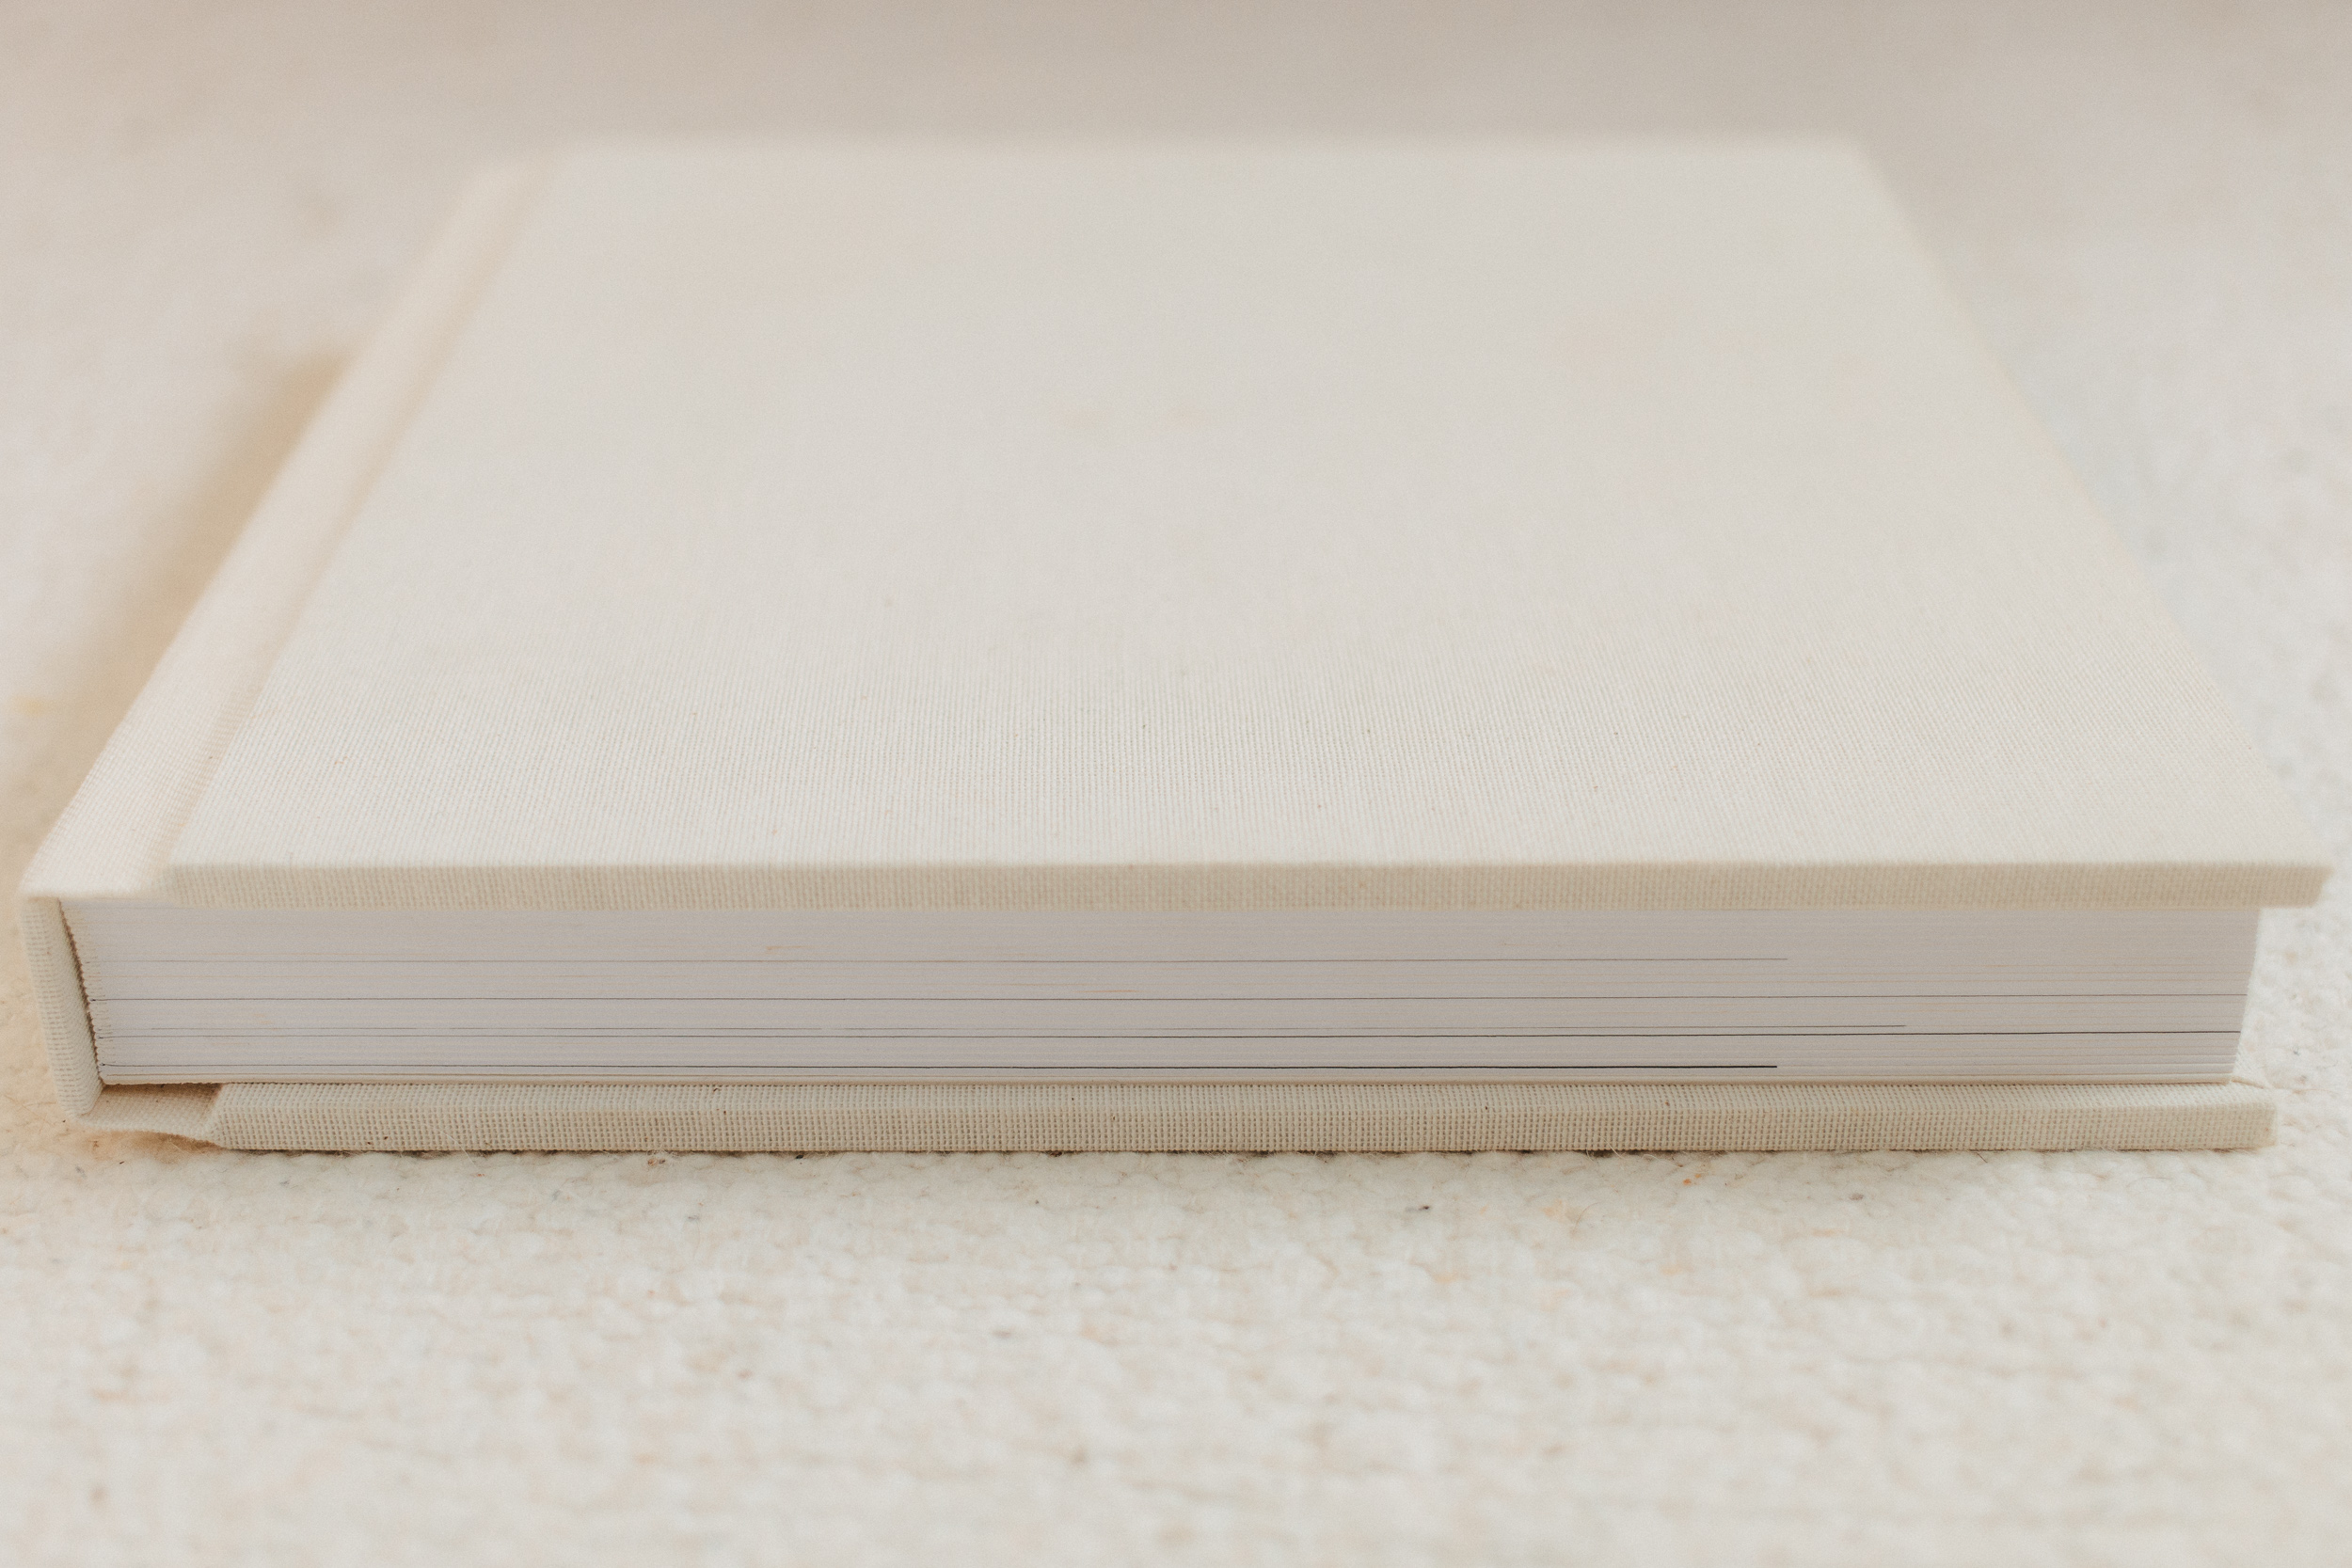 Linen album example-2.jpg